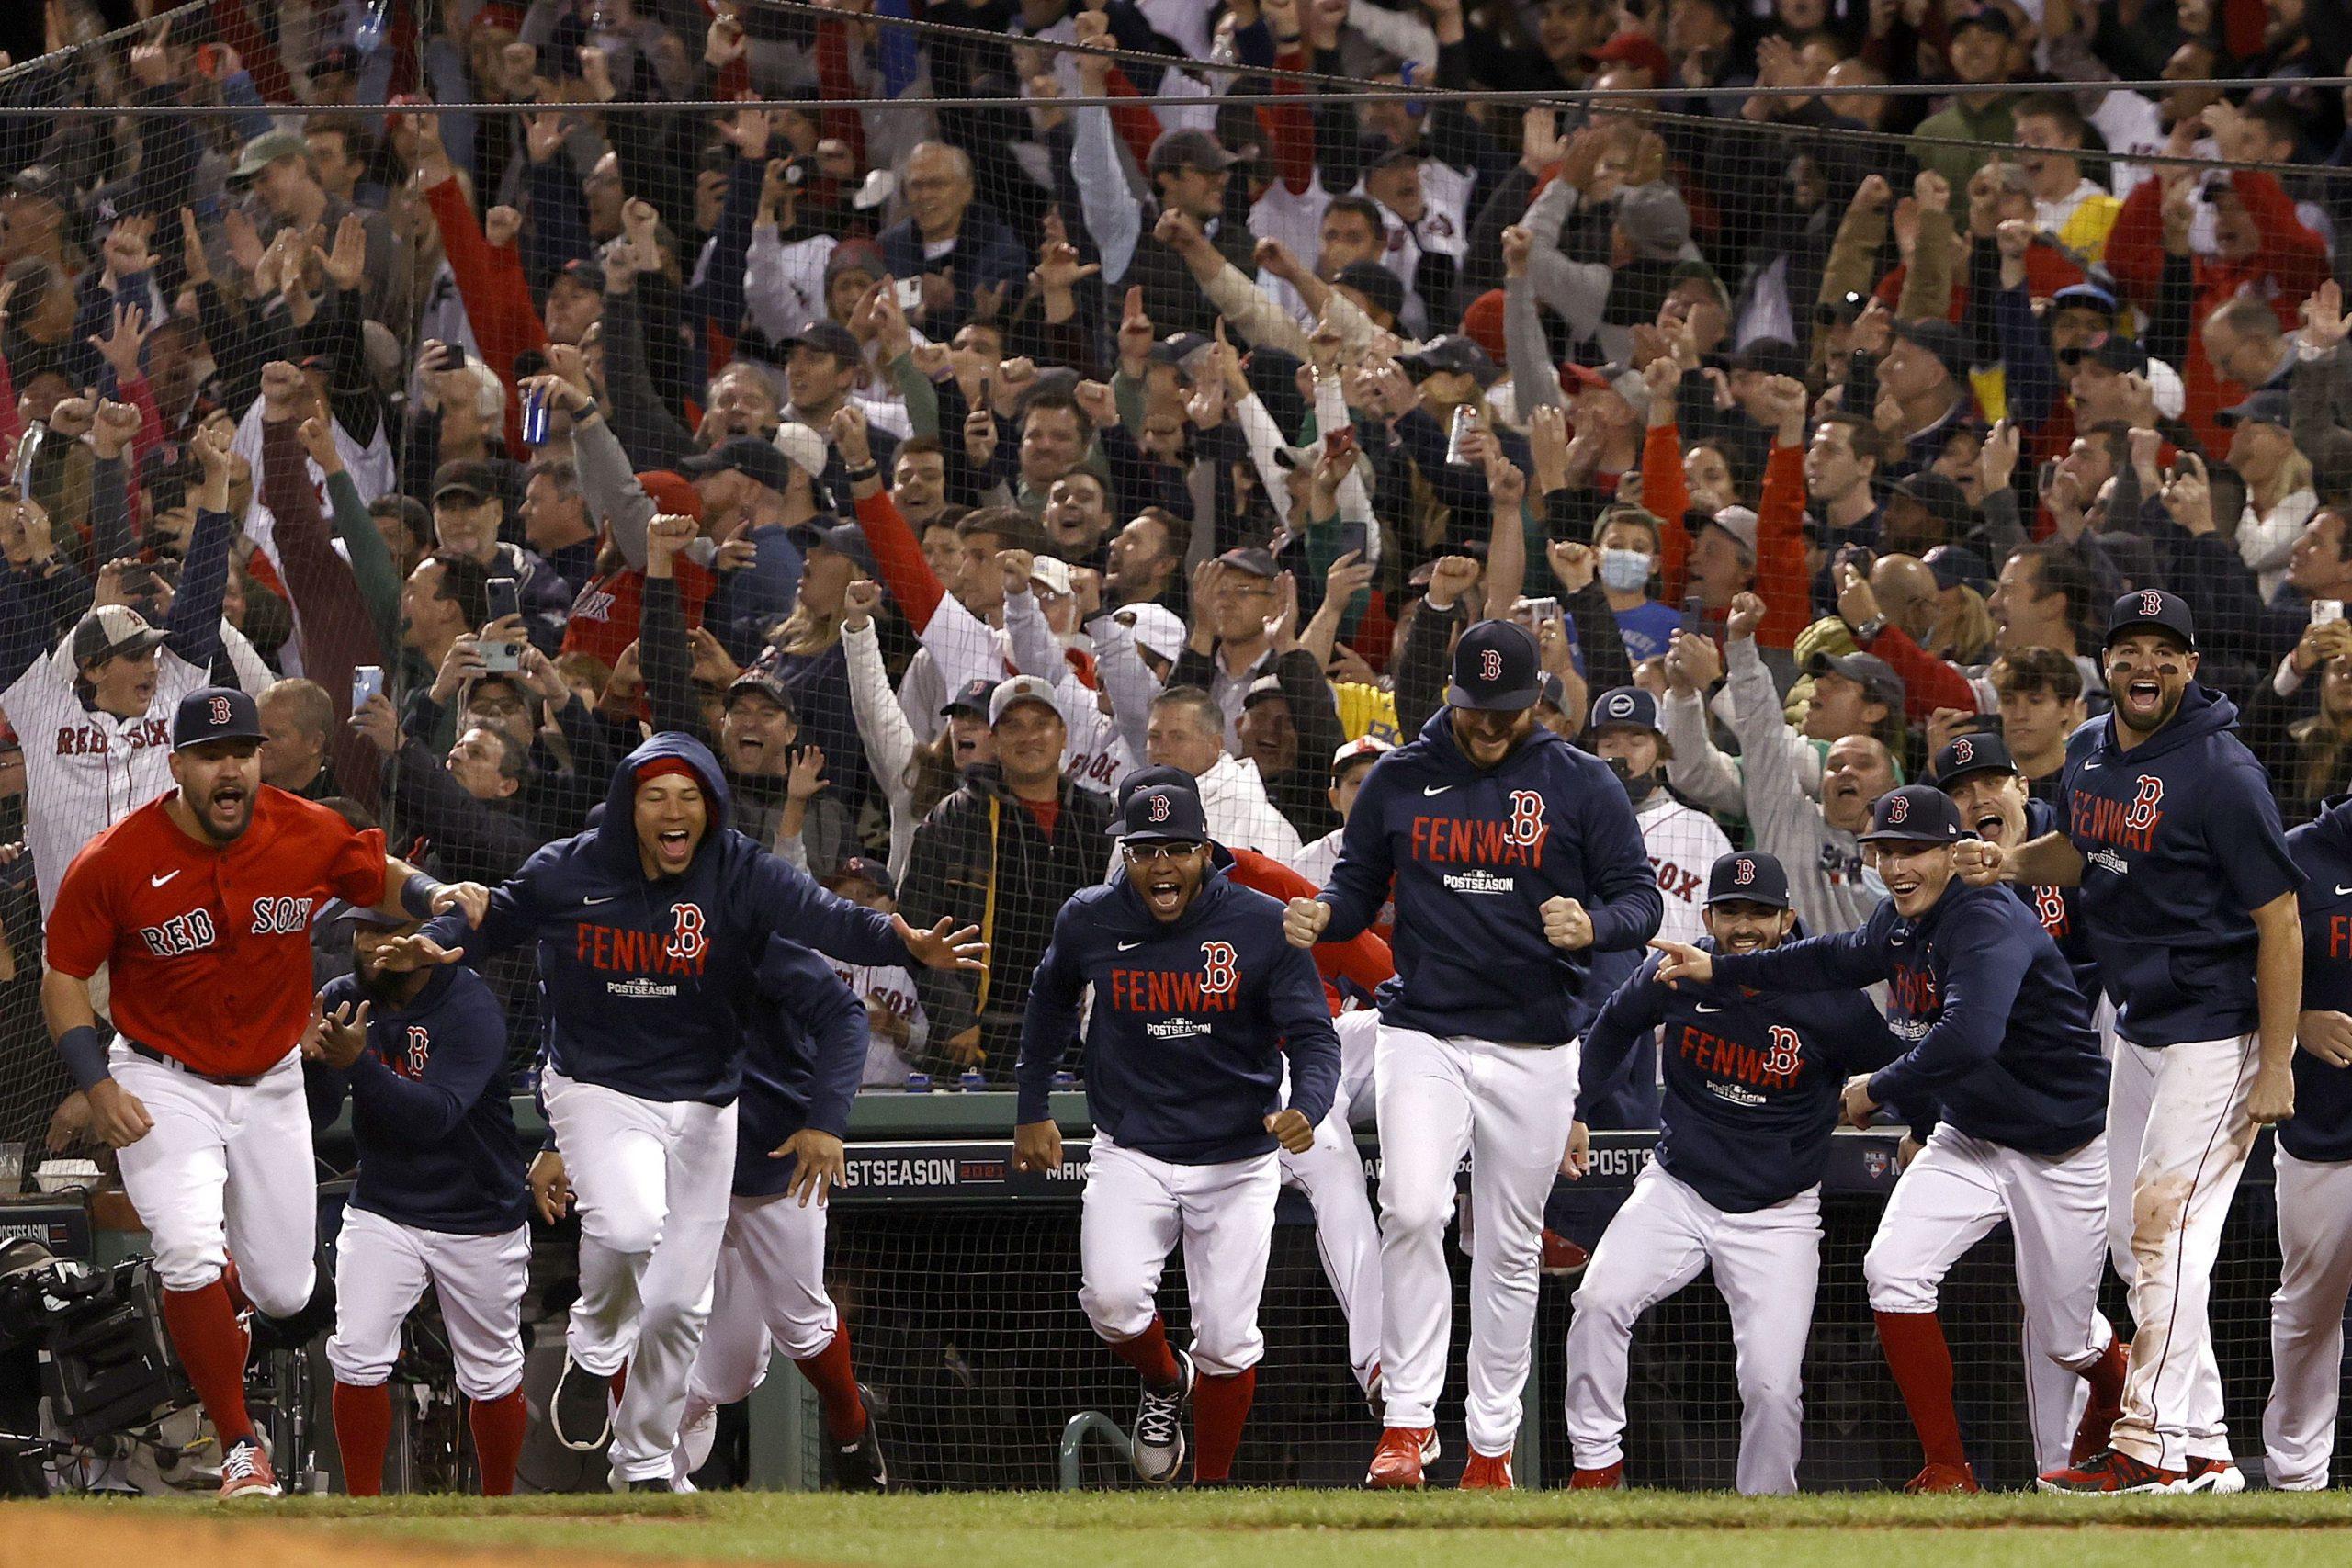 Medias Rojas vencieron a Yankees para avanzar a Serie Divisional ante Rays de Tampa Bay - Prensa Libre